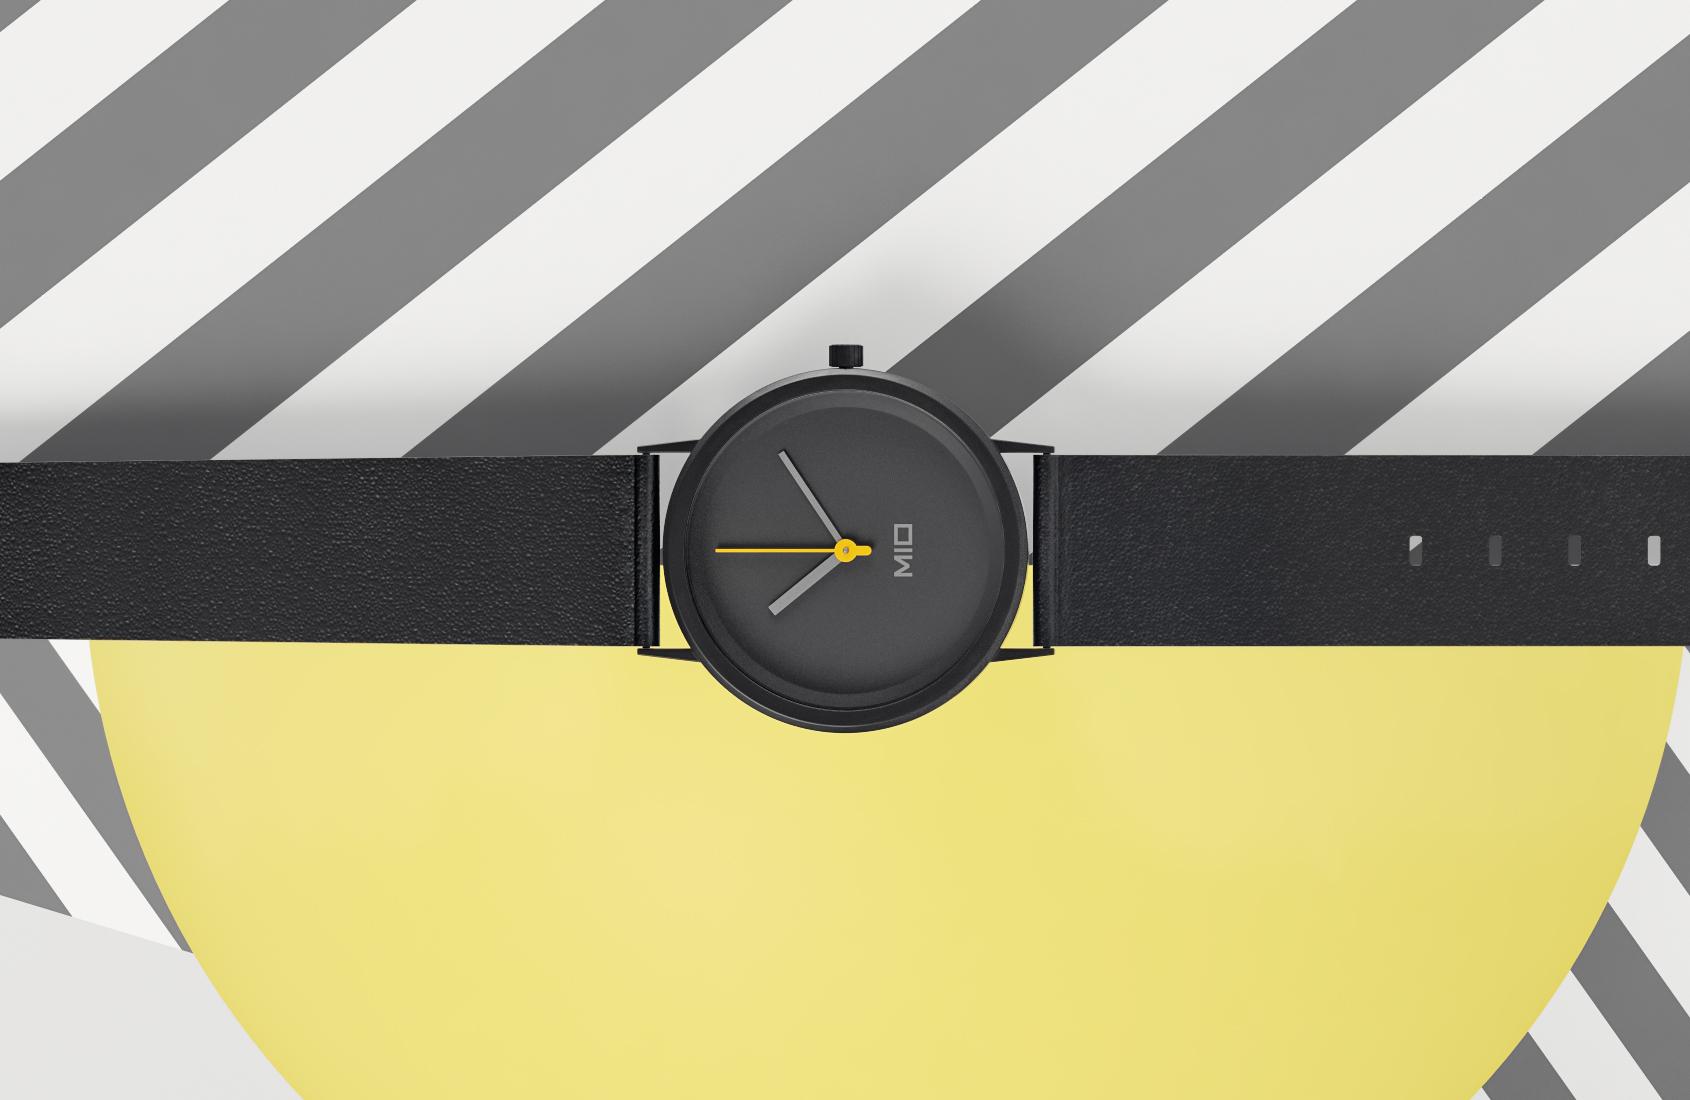 mio_watch_3_design_diseño_jorge_gago_cgi_3d